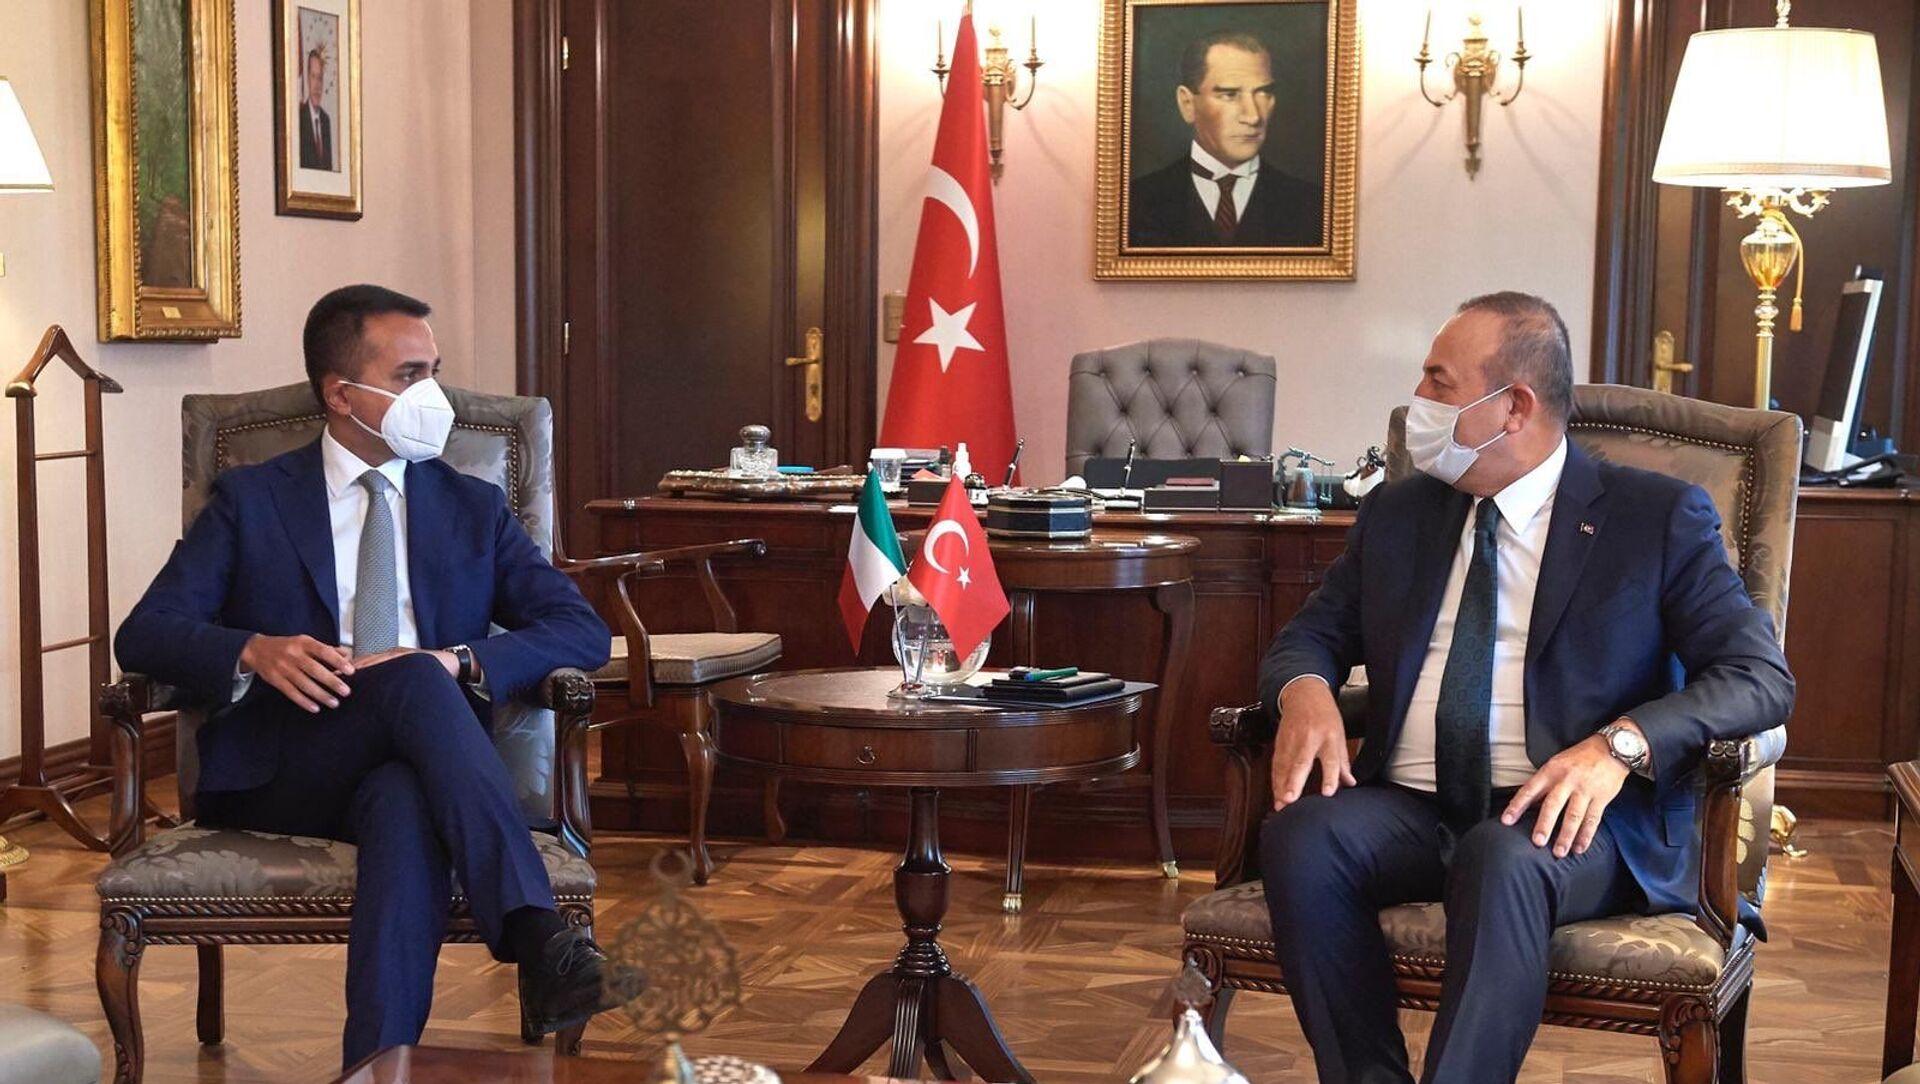 Il ministro degli affari esteri e della cooperazione internazionale italiano Luigi Di Maio e il suo omologo turco Mevlut Cavusoglu - Sputnik Italia, 1920, 08.04.2021